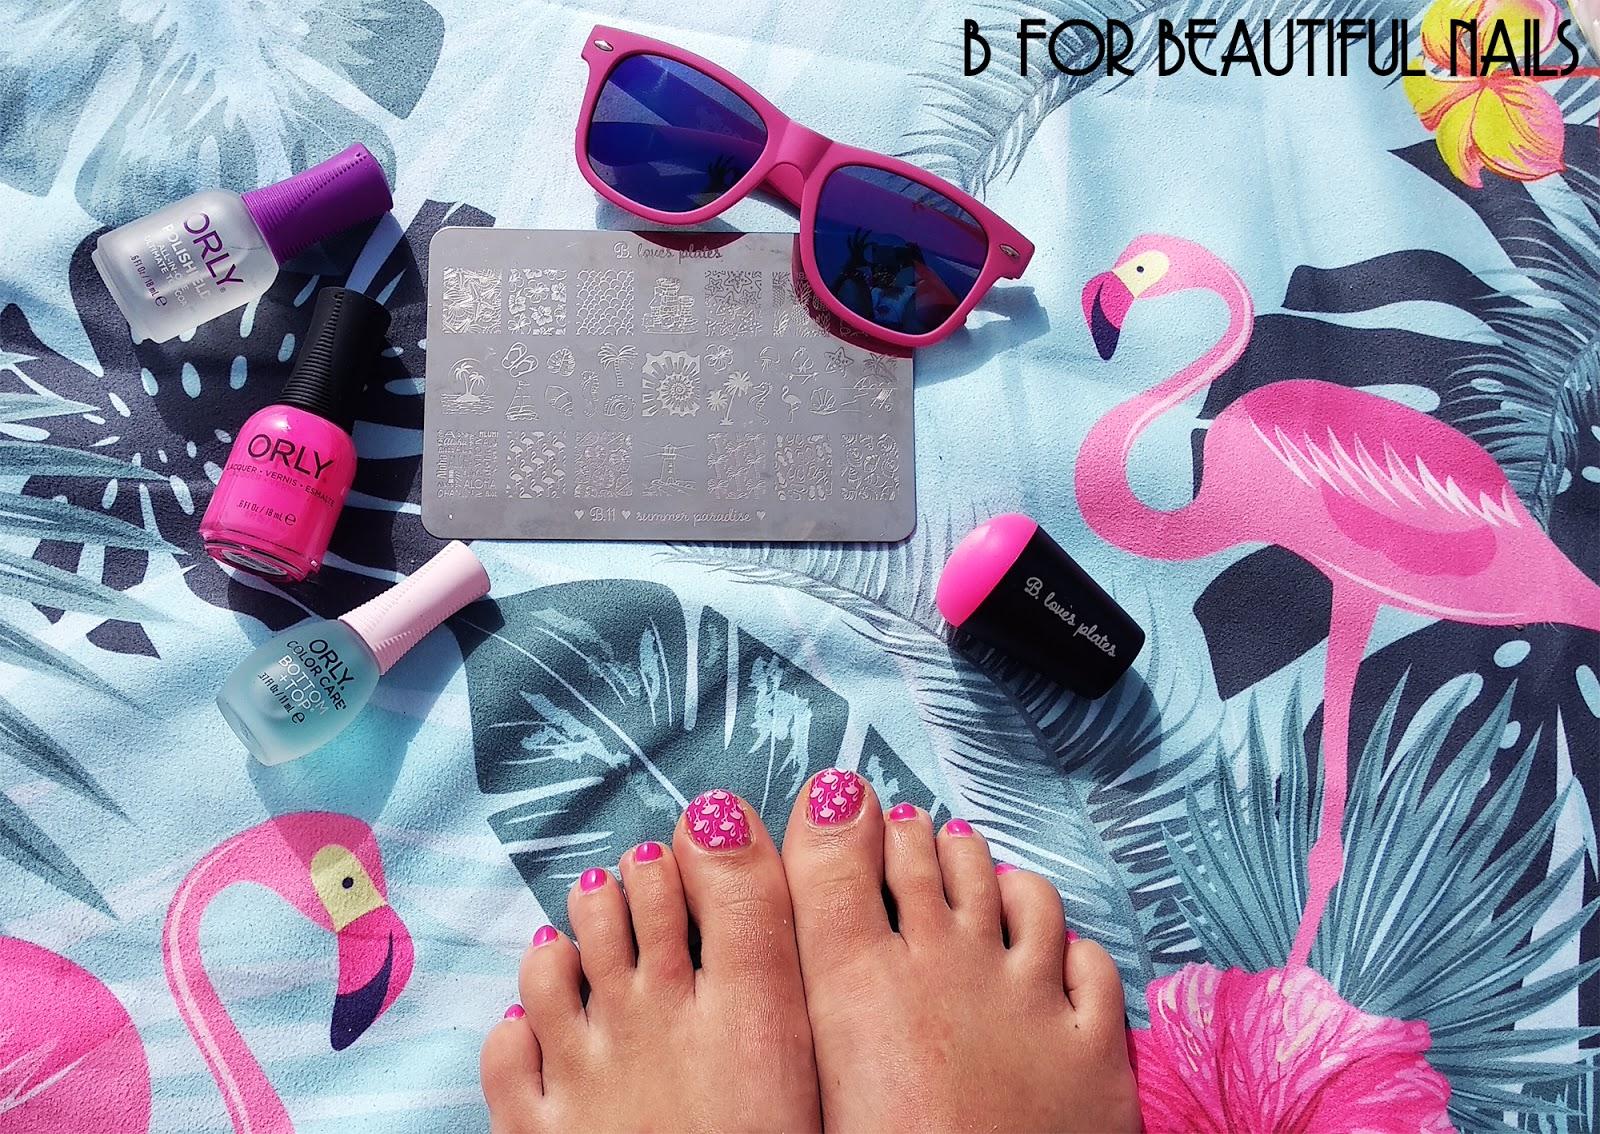 Flamingi Na Wyspach Szczescia B For Beautiful Nails